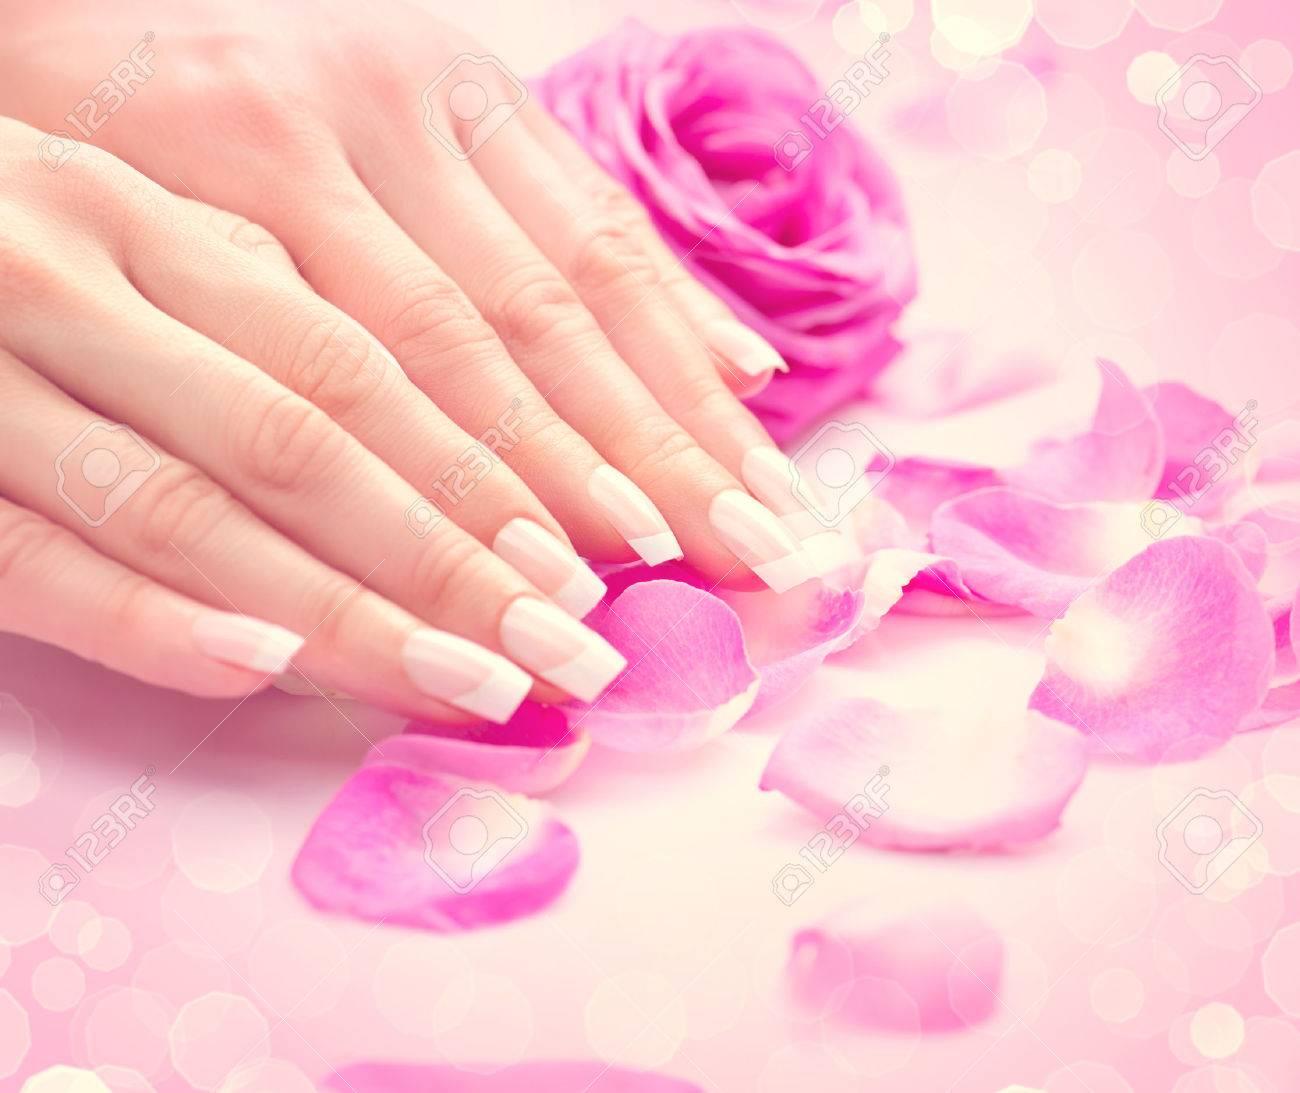 Anicure, Hände Spa. Weibliche Hände, Weiche Haut, Schöne Nägel ...